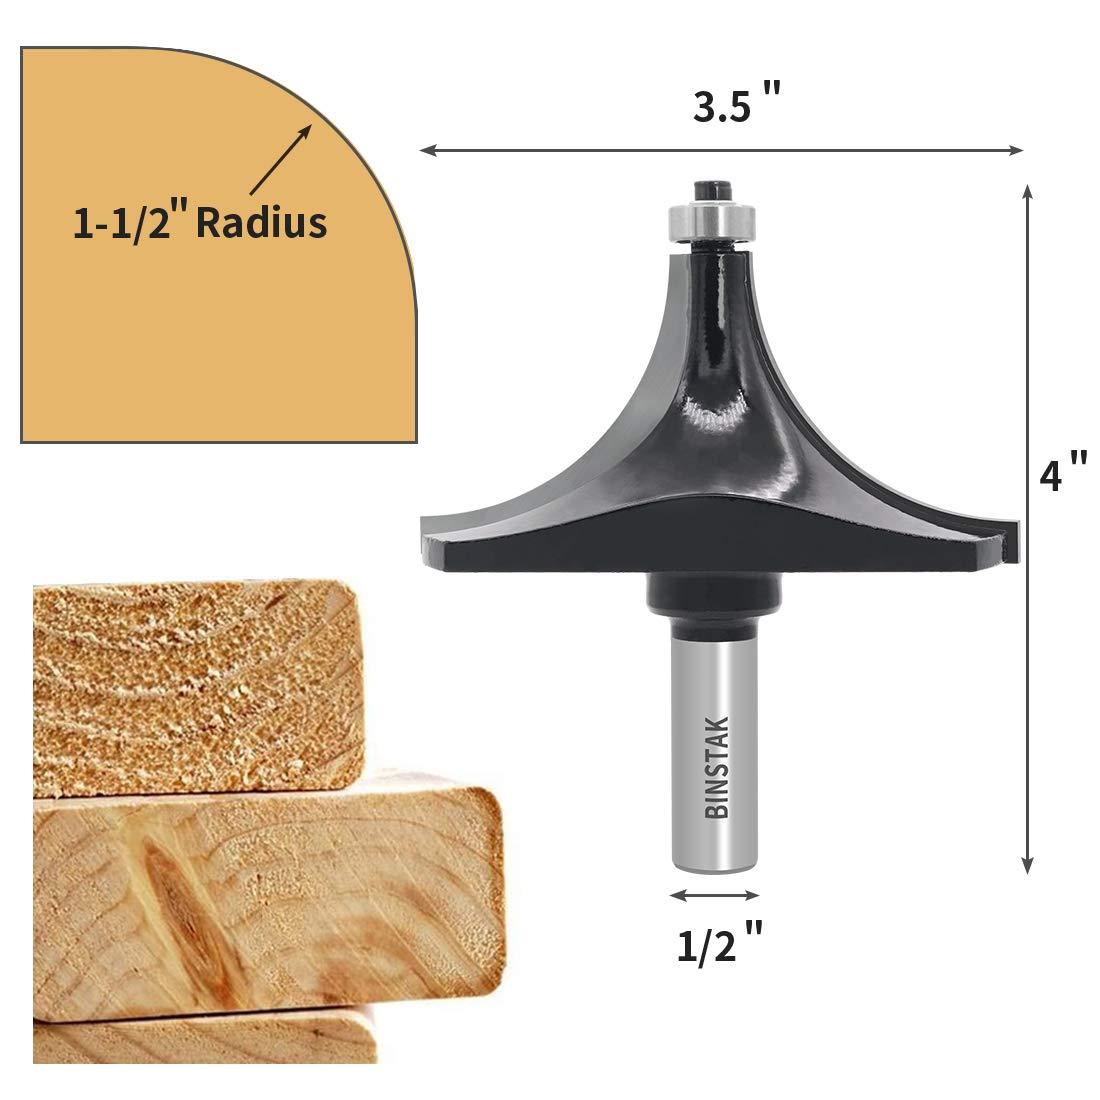 1-1//2 Radius Roundover Router Bit 1//2 Shank Bead Rounding Over Edging Bit by BINSTAK